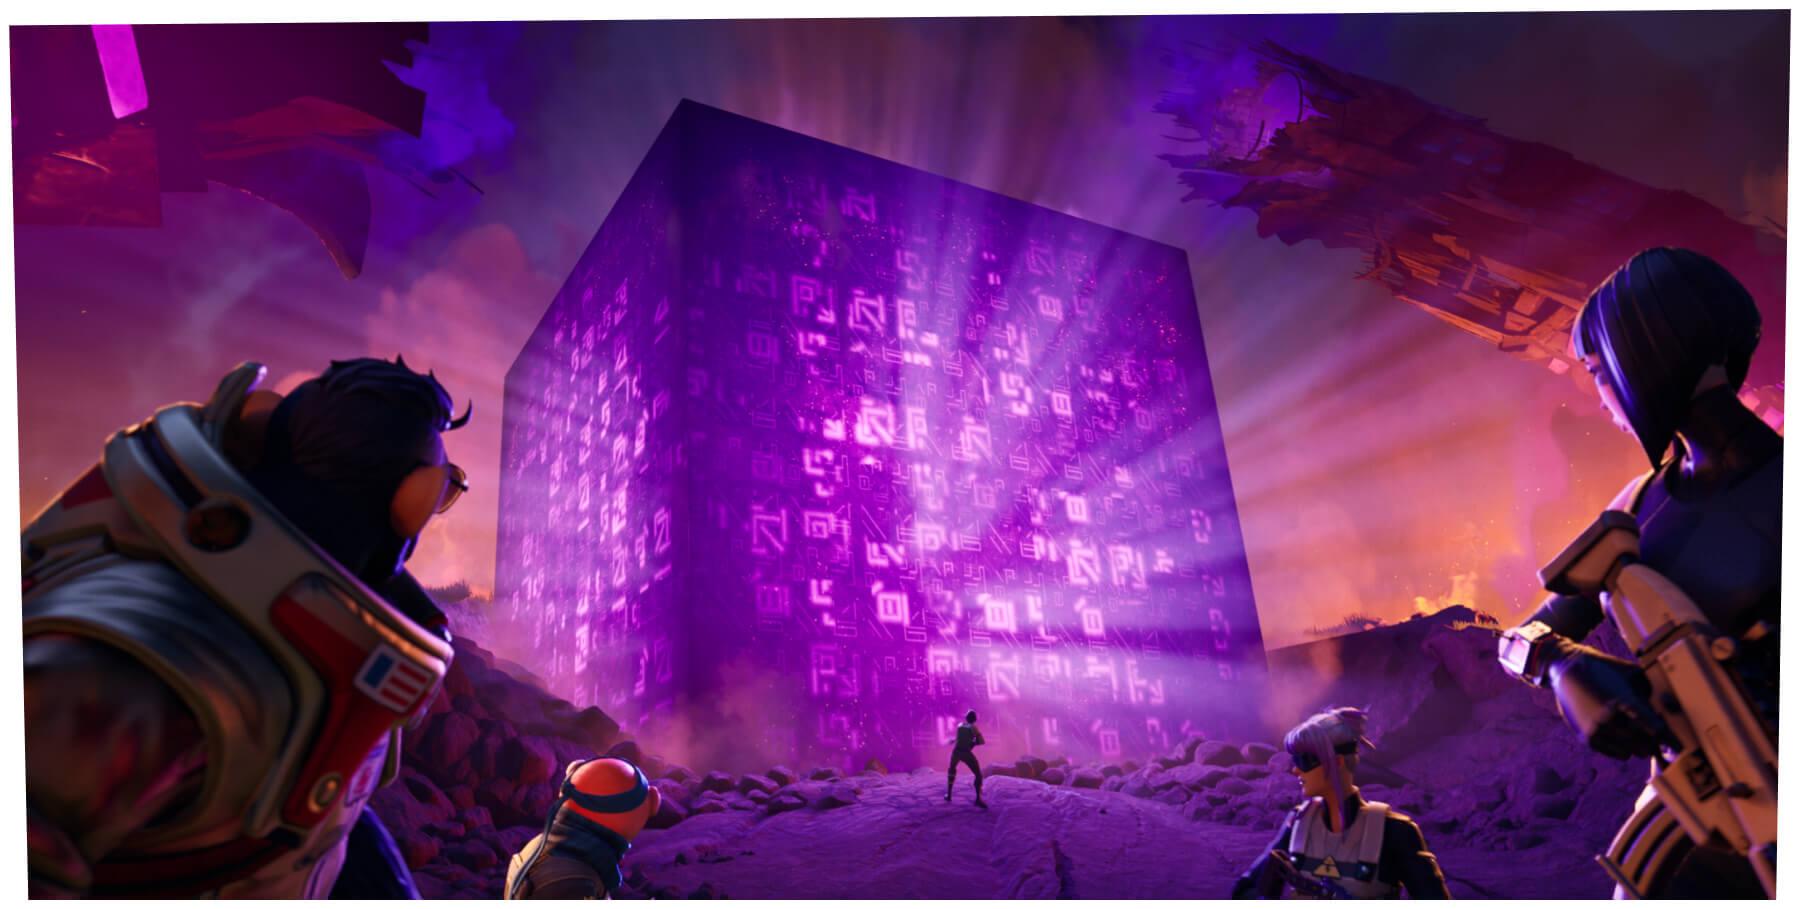 Восьмой сезон второй главы Fortnite: «Назревает новая война»